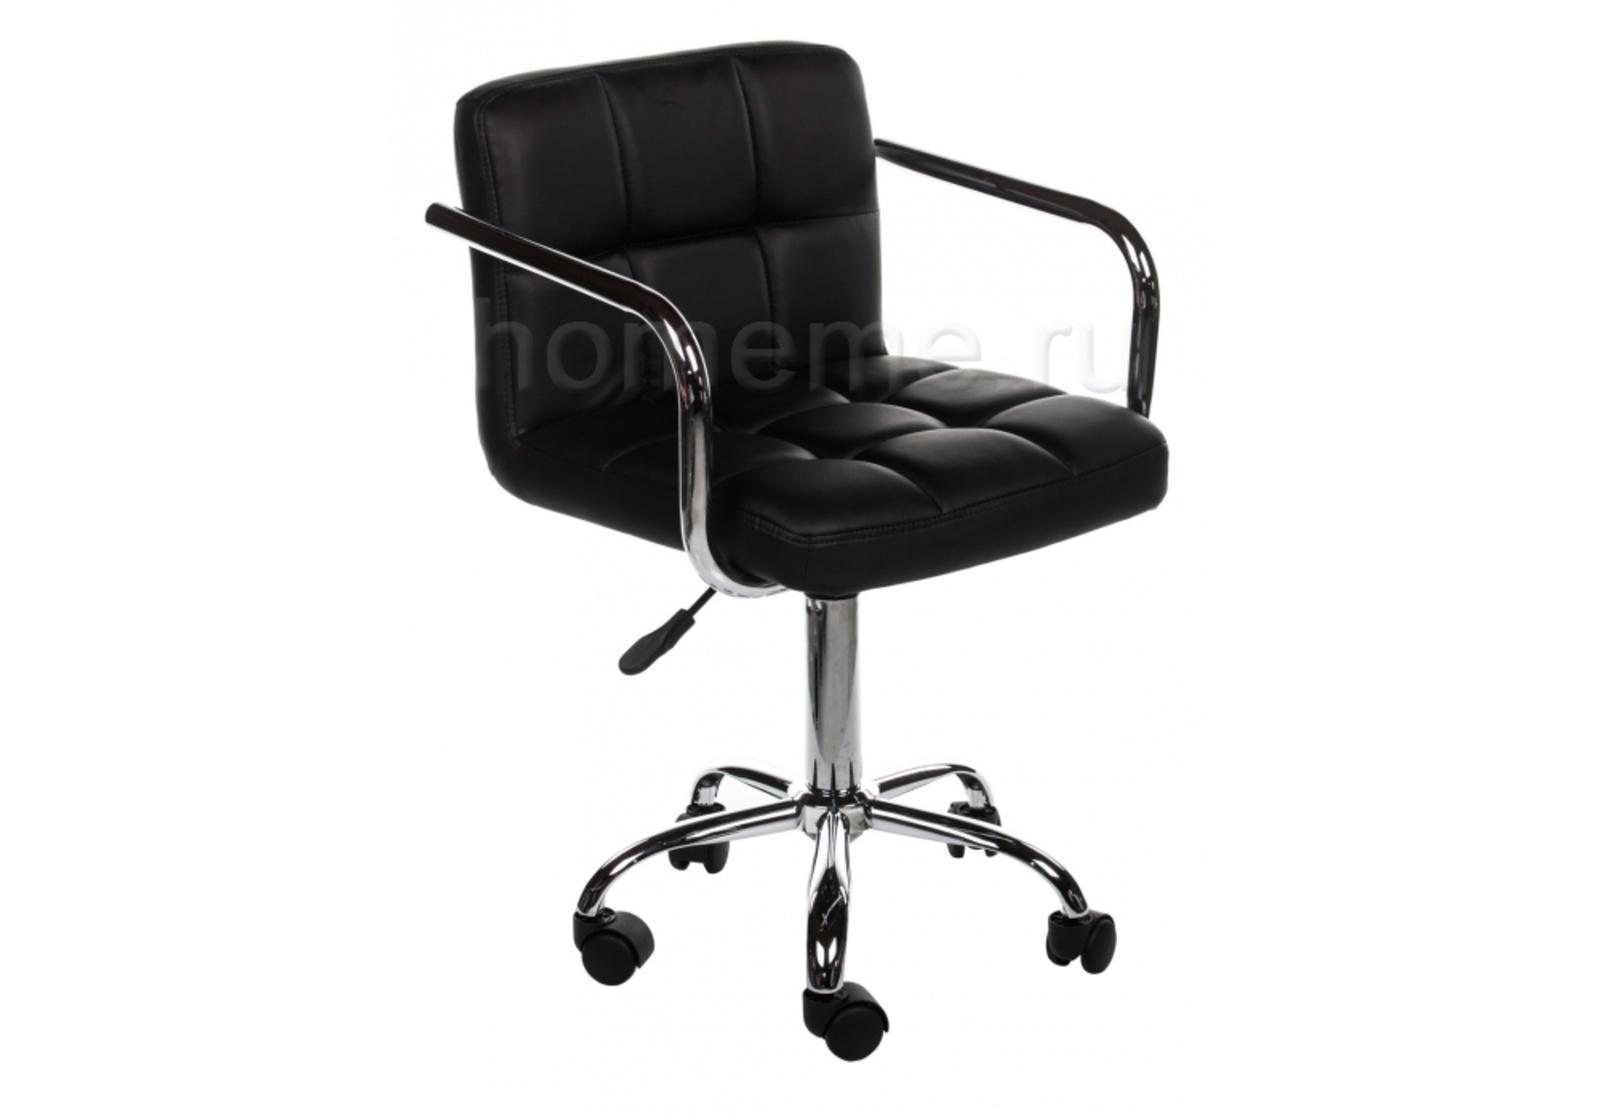 Кресло для офиса HomeMe Arm черный 1427 от Homeme.ru